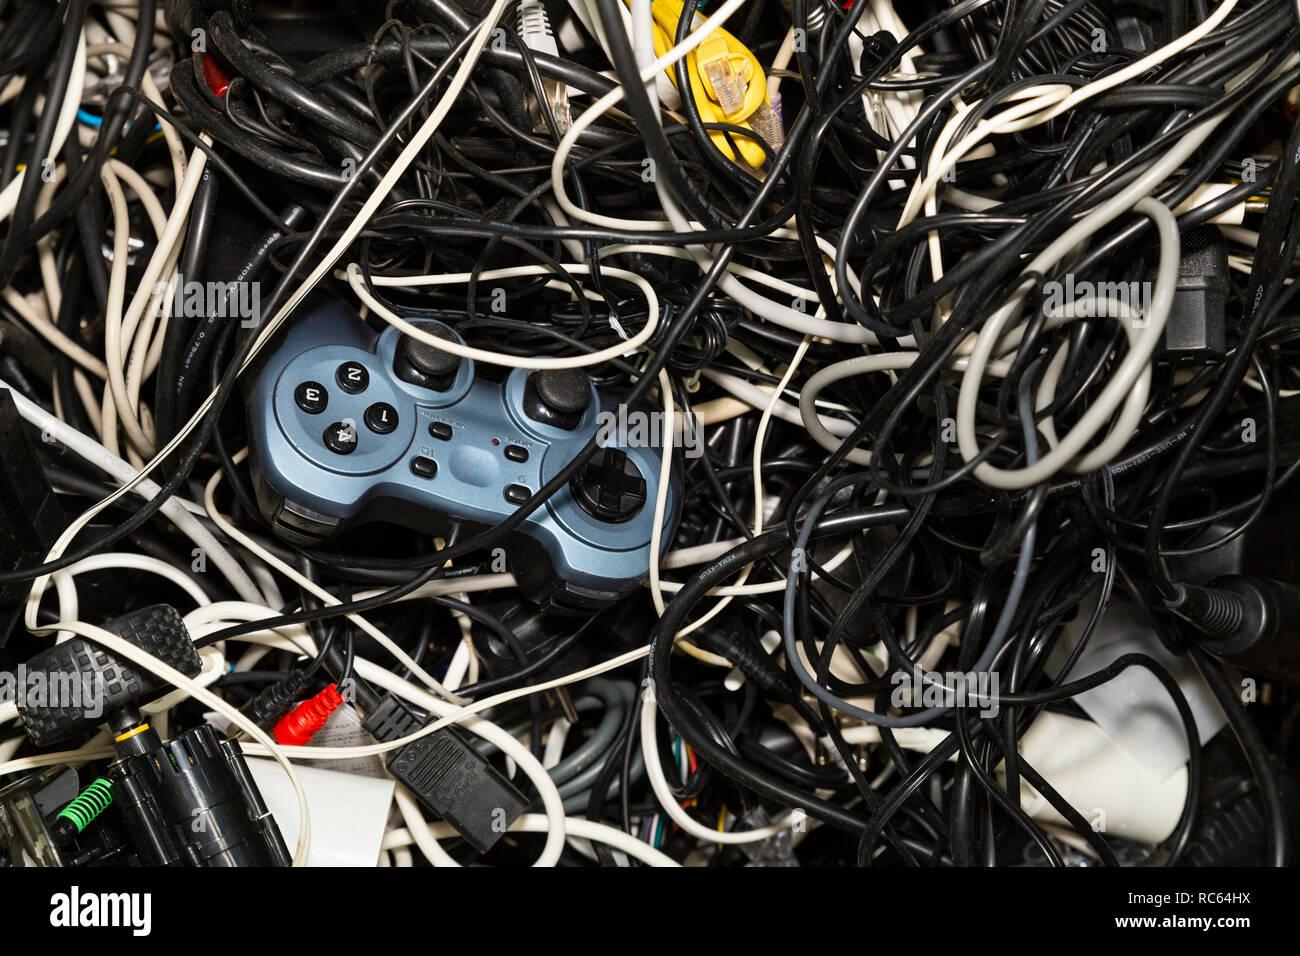 Close-up di un aggrovigliato mucchio di rottami di elettronica comprendente un gioco console controller in attesa per il riciclaggio Immagini Stock